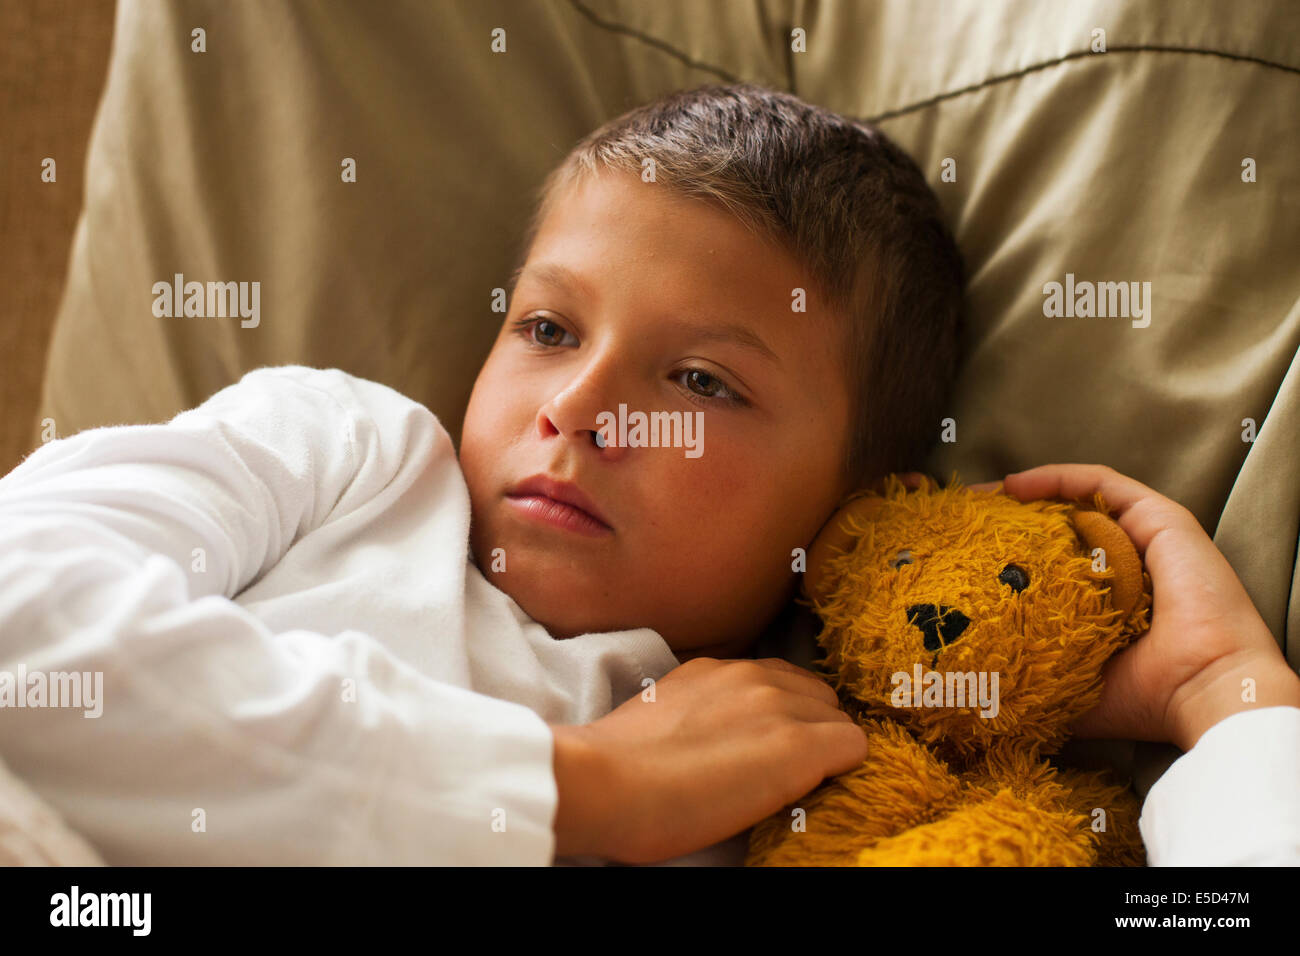 Niño sentirse enfermo en la cama Imagen De Stock